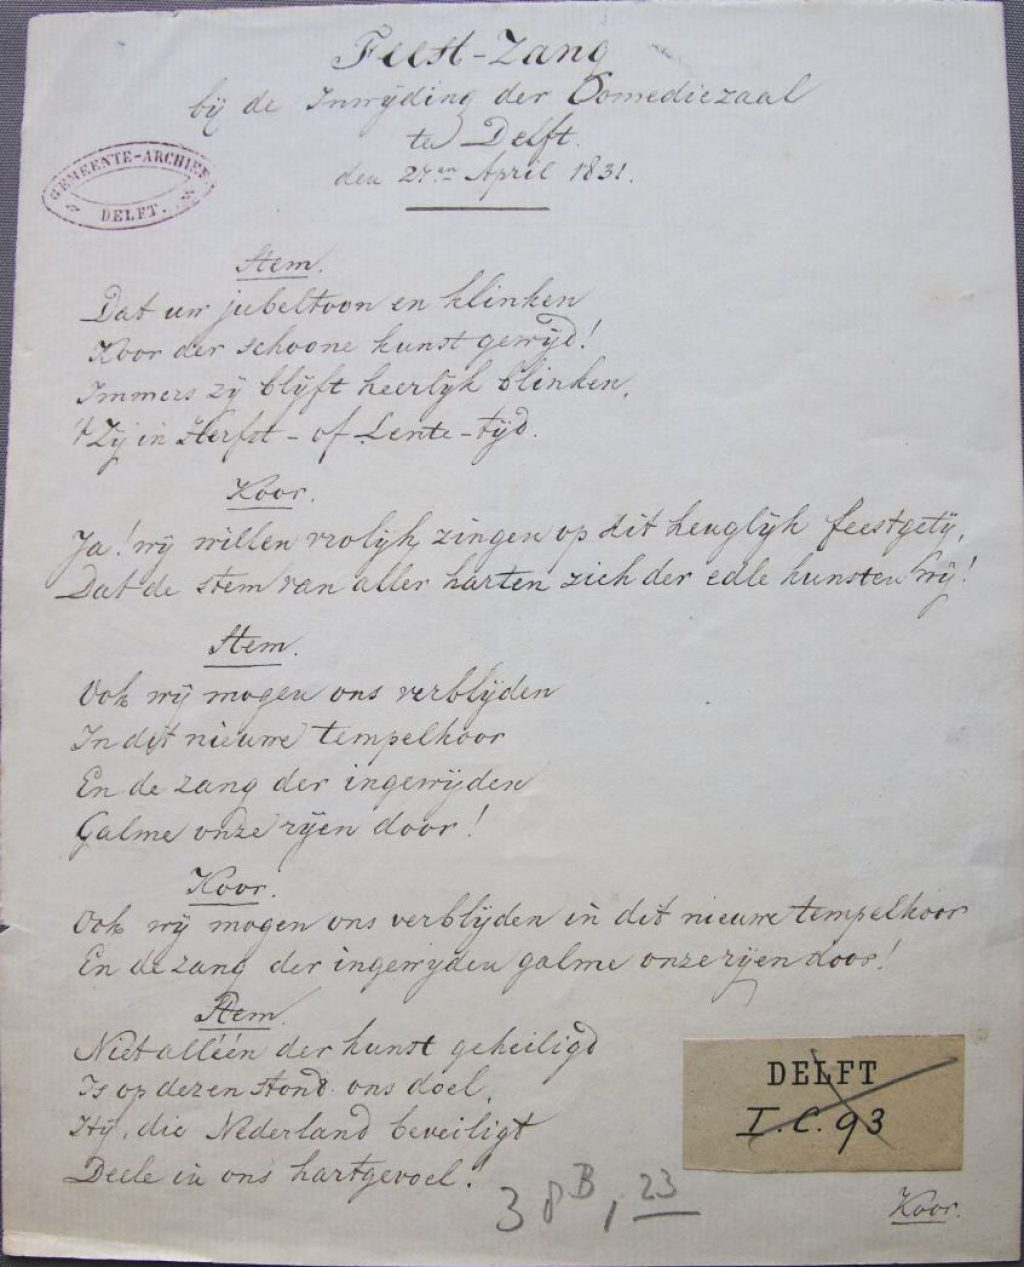 Feestzang bij de inwijding van de Stadsdoelen, 27-4-1831, (Archief 598, inv.nr 617)